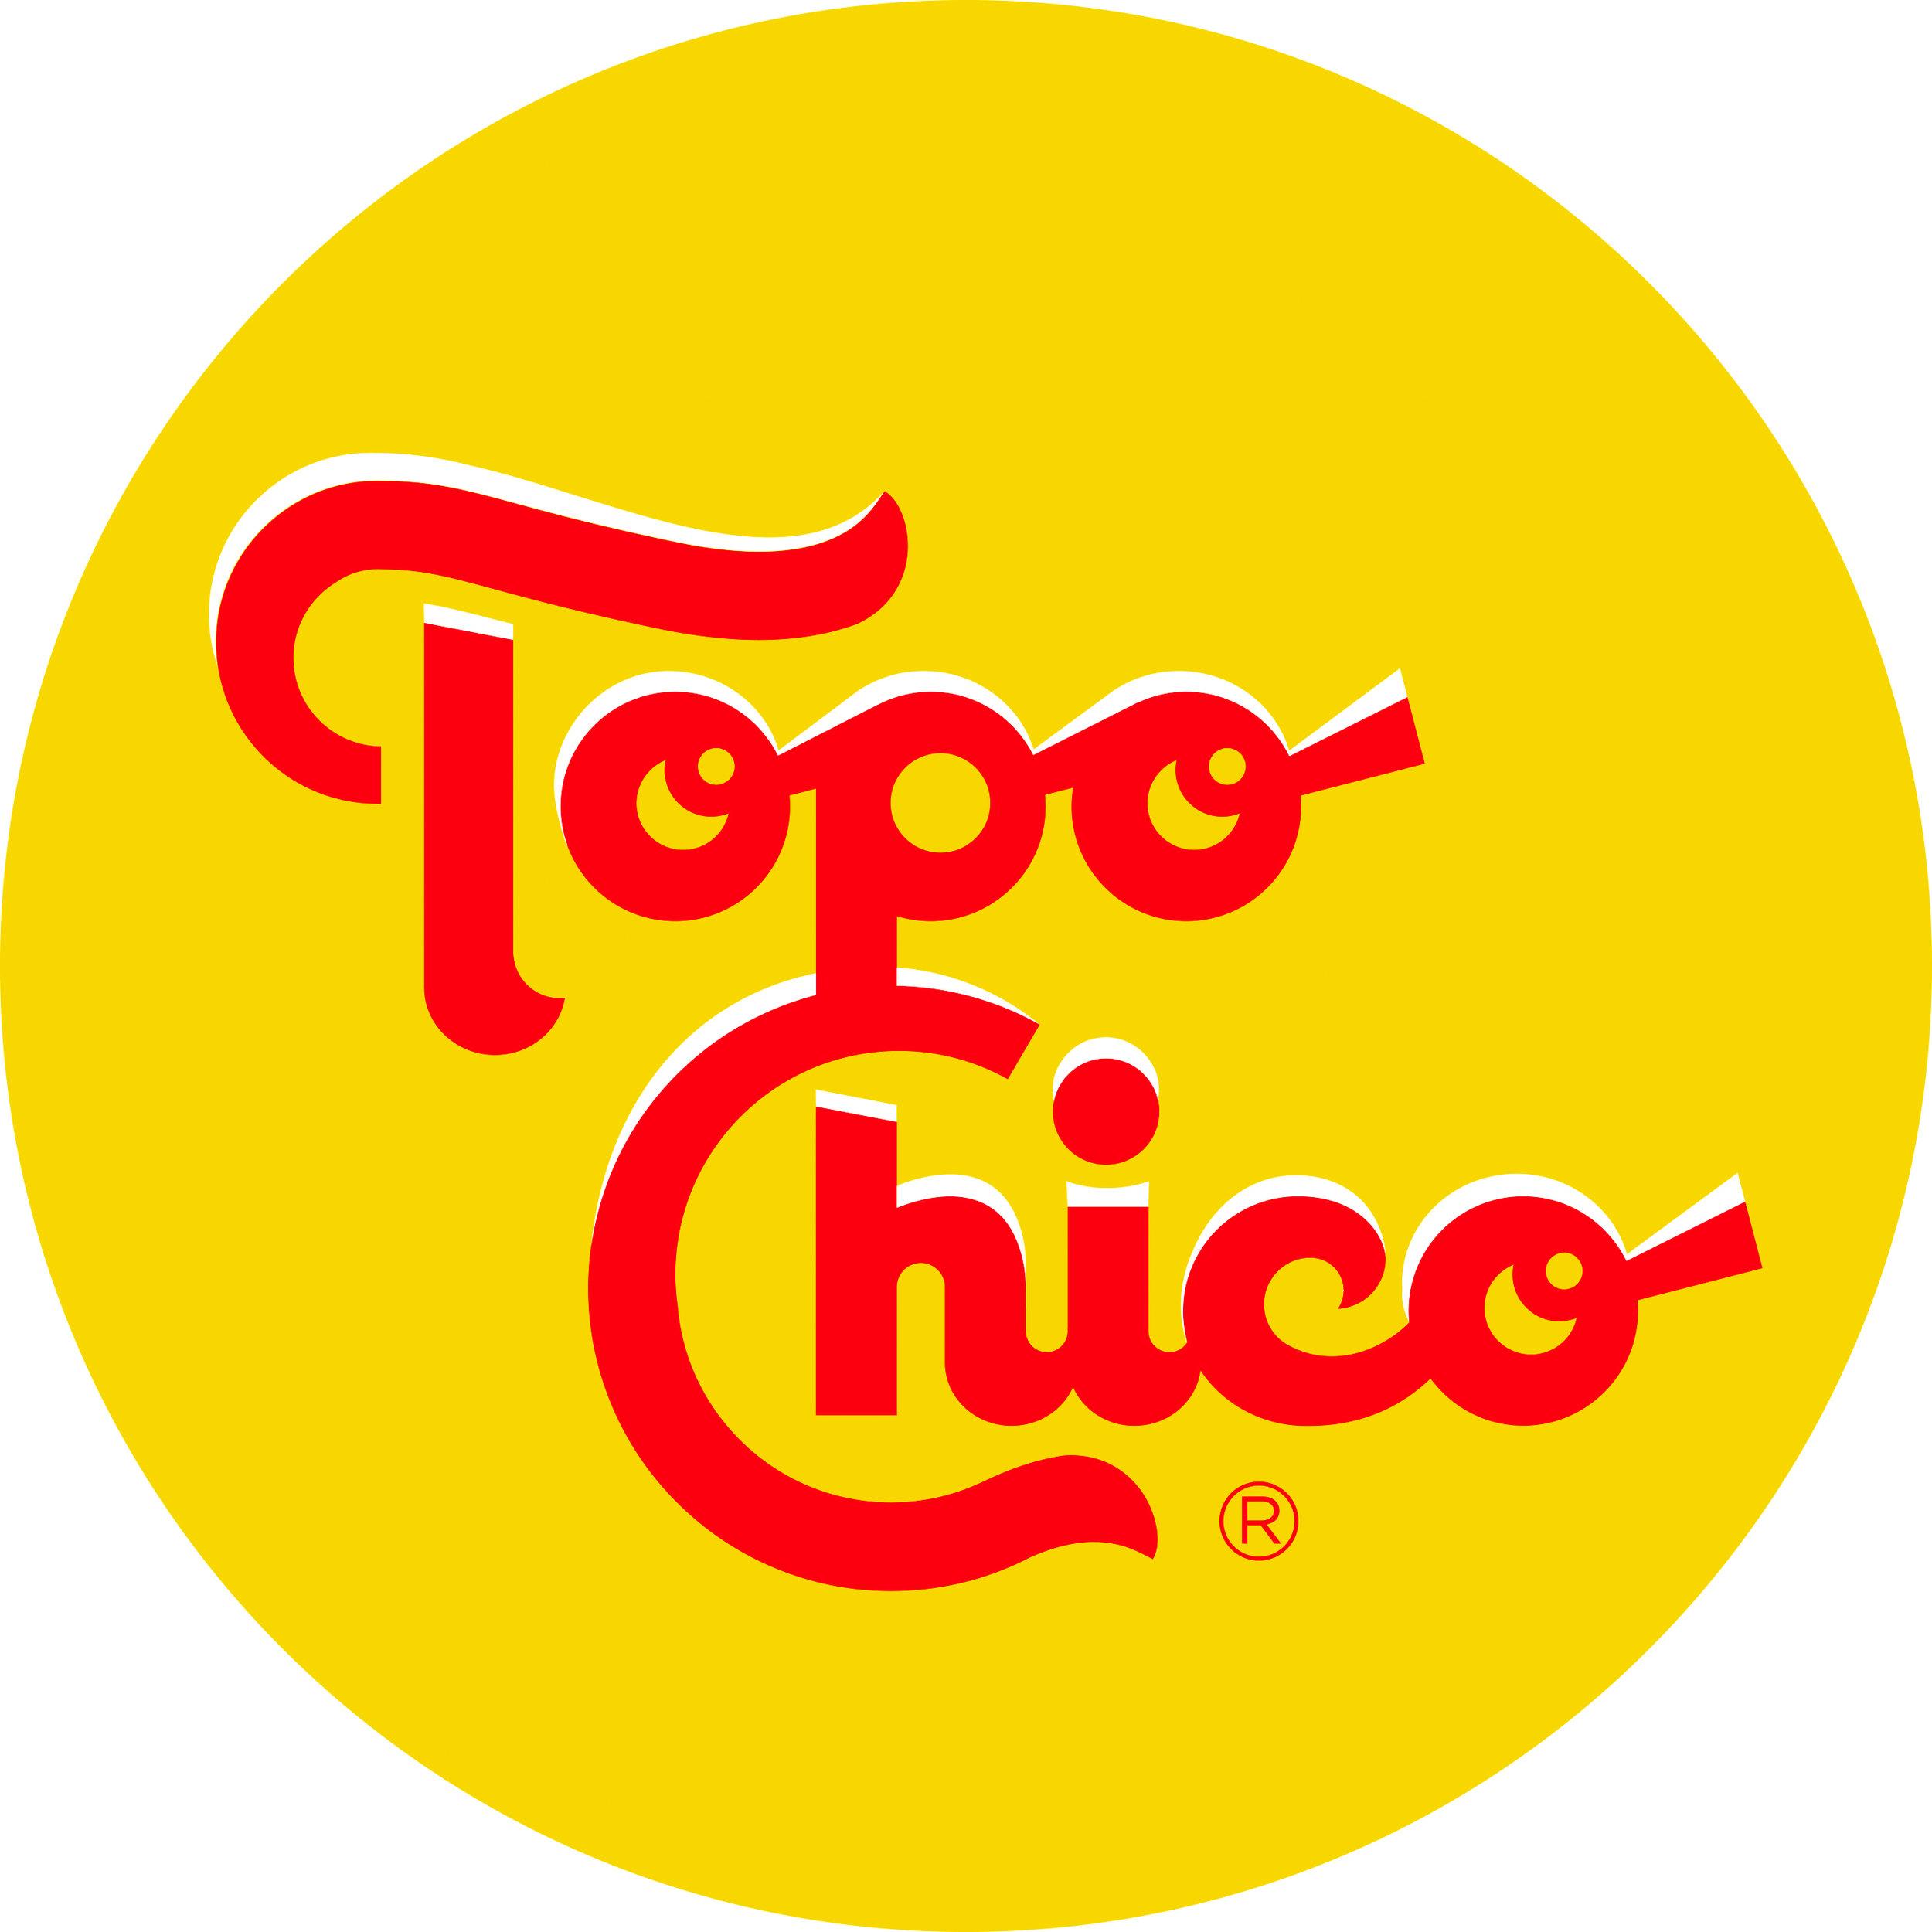 Topo Chico Circulo - Carlos Silva.jpg